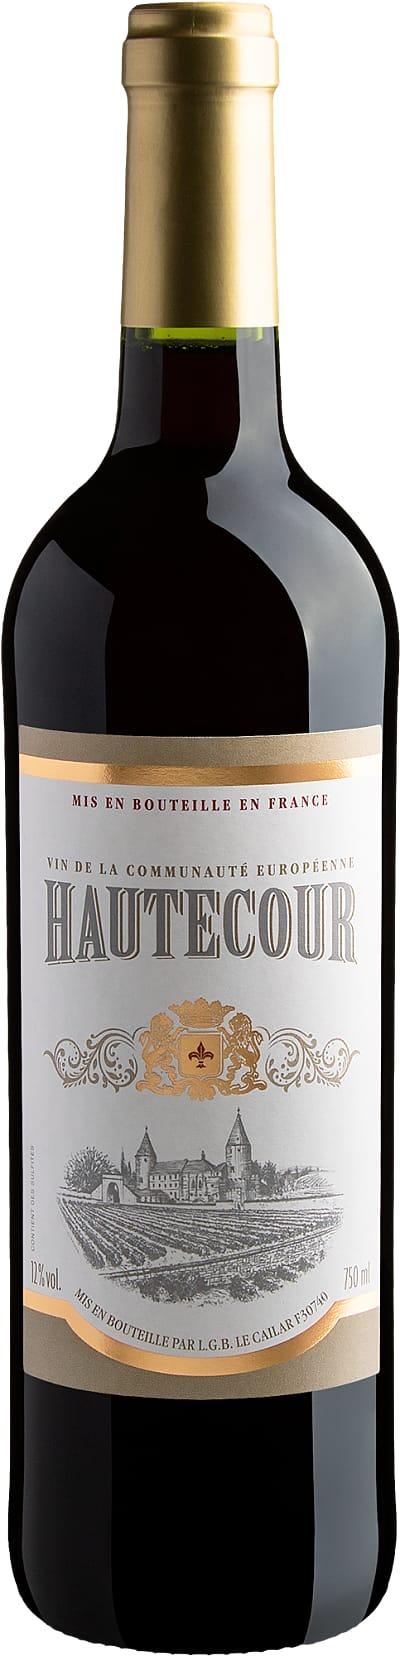 Hautecour Rouge 2016